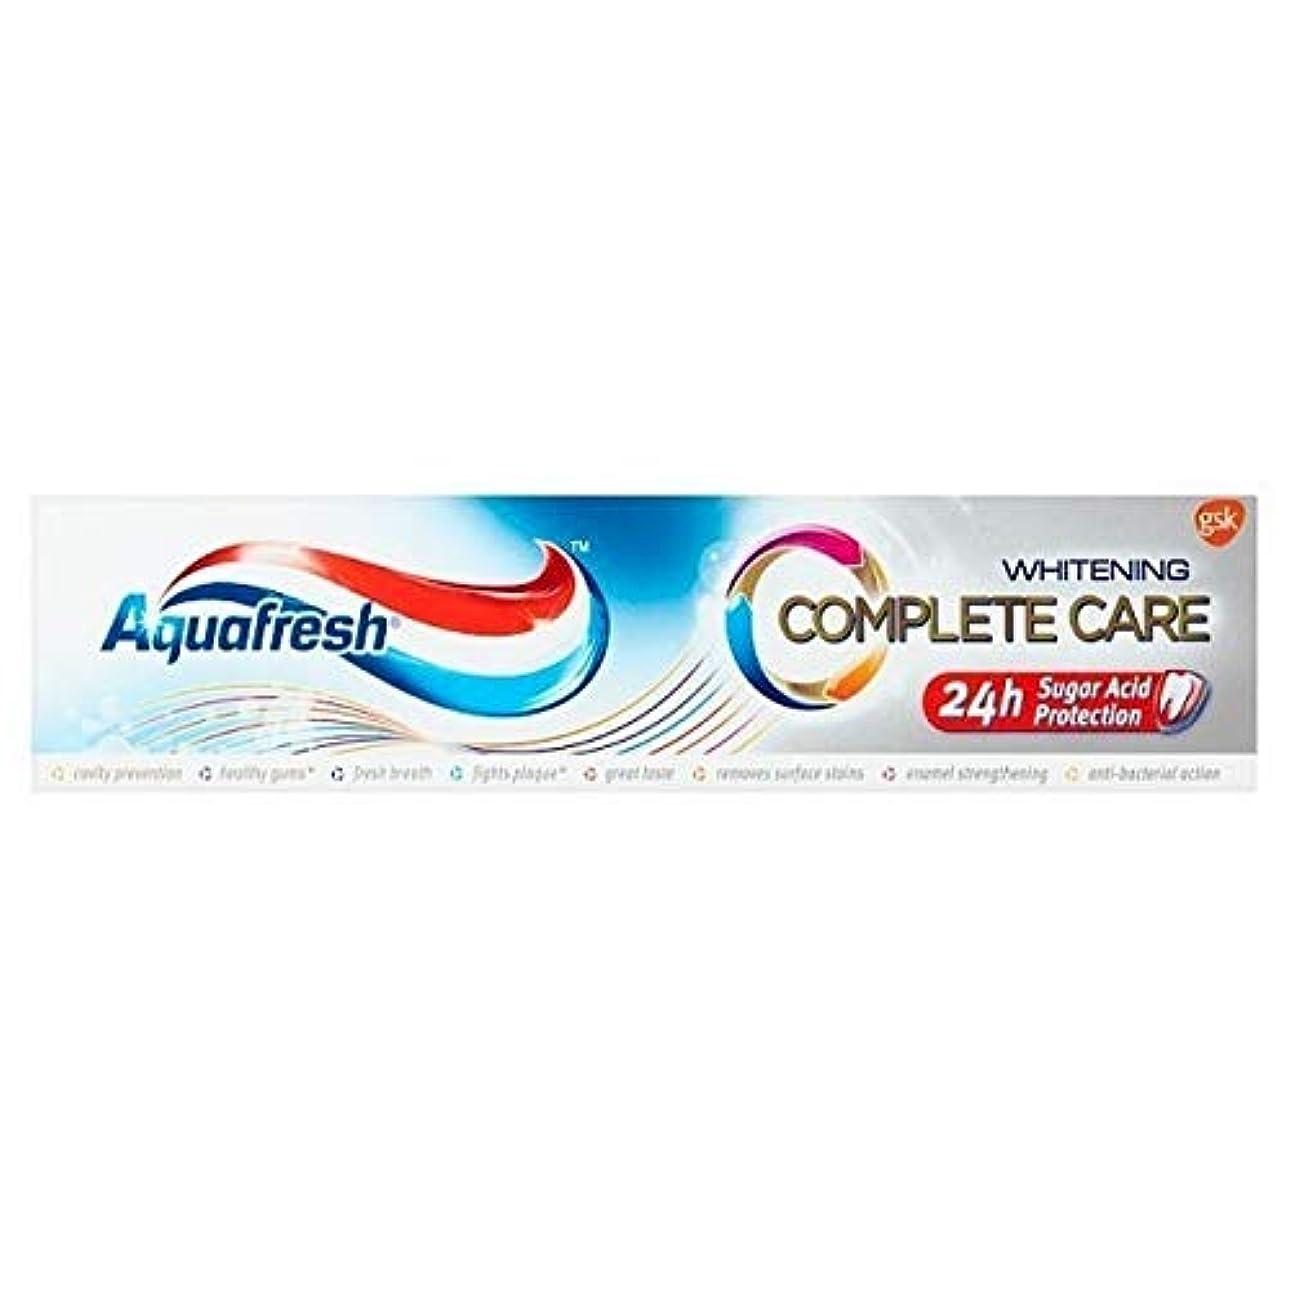 幸福たくさんの名義で[Aquafresh ] アクアフレッシュ完全なケア美白100ミリリットル - Aquafresh Complete Care Whitening 100ml [並行輸入品]